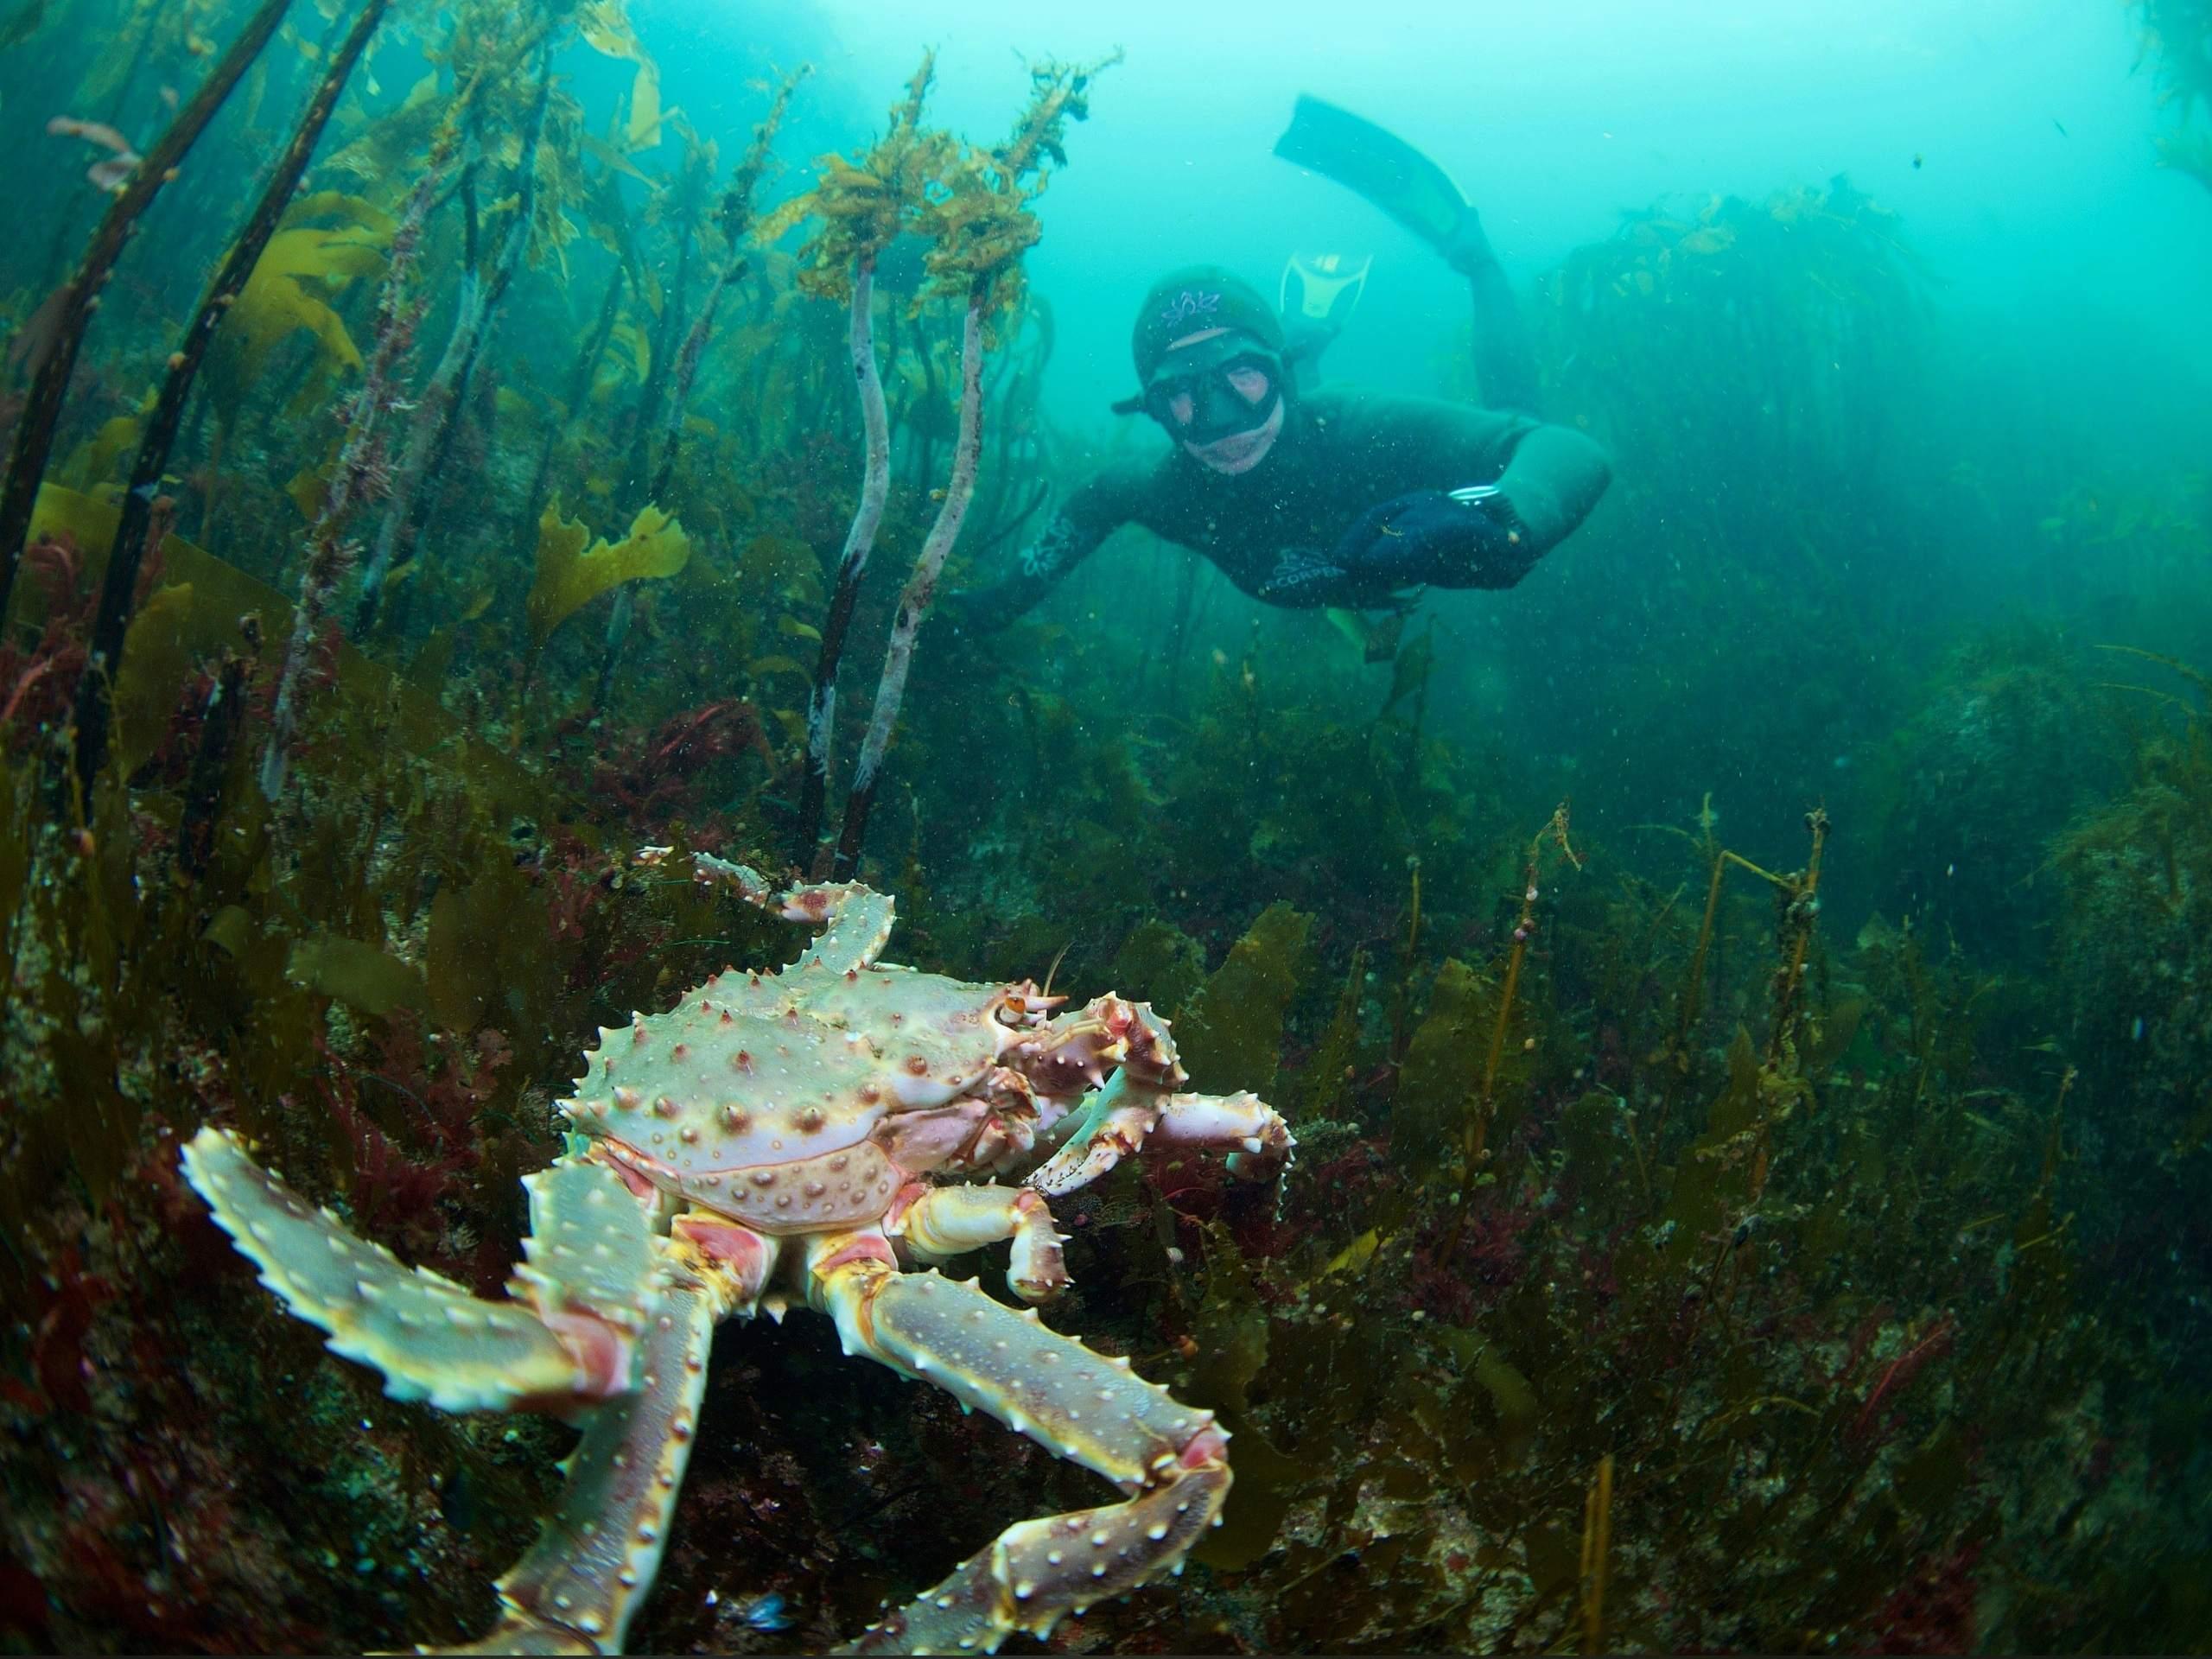 Новороссийский фотограф Егор Никифоров «ловил» крабов в Баренцевом море